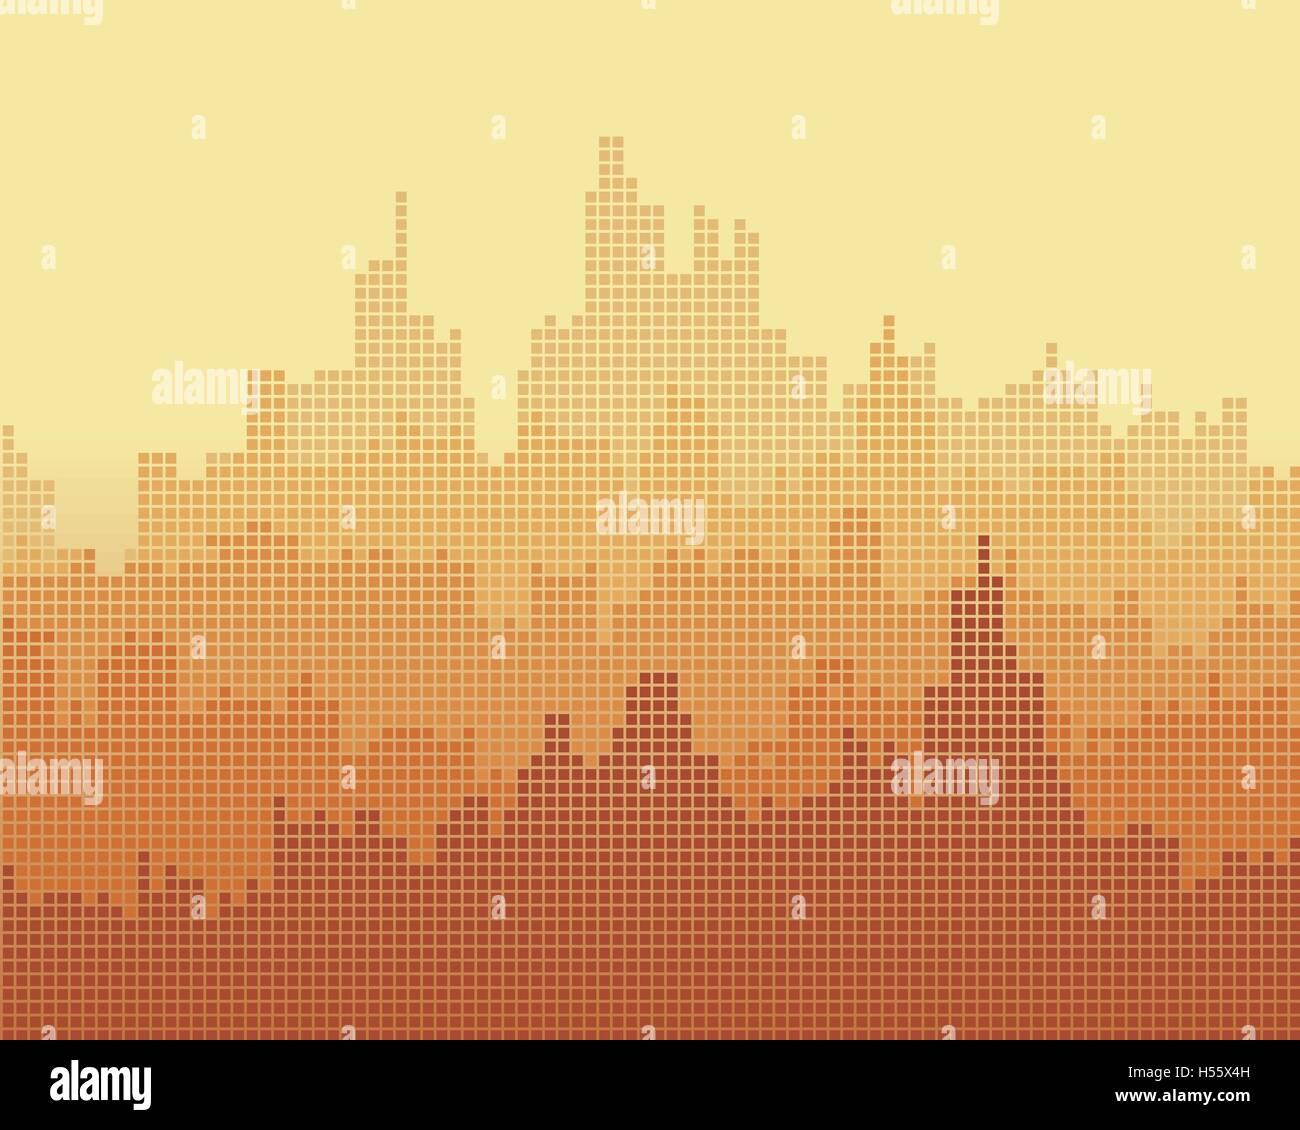 La composition de la mosaïque de la ville, l'effet de dégradé. Photo Stock